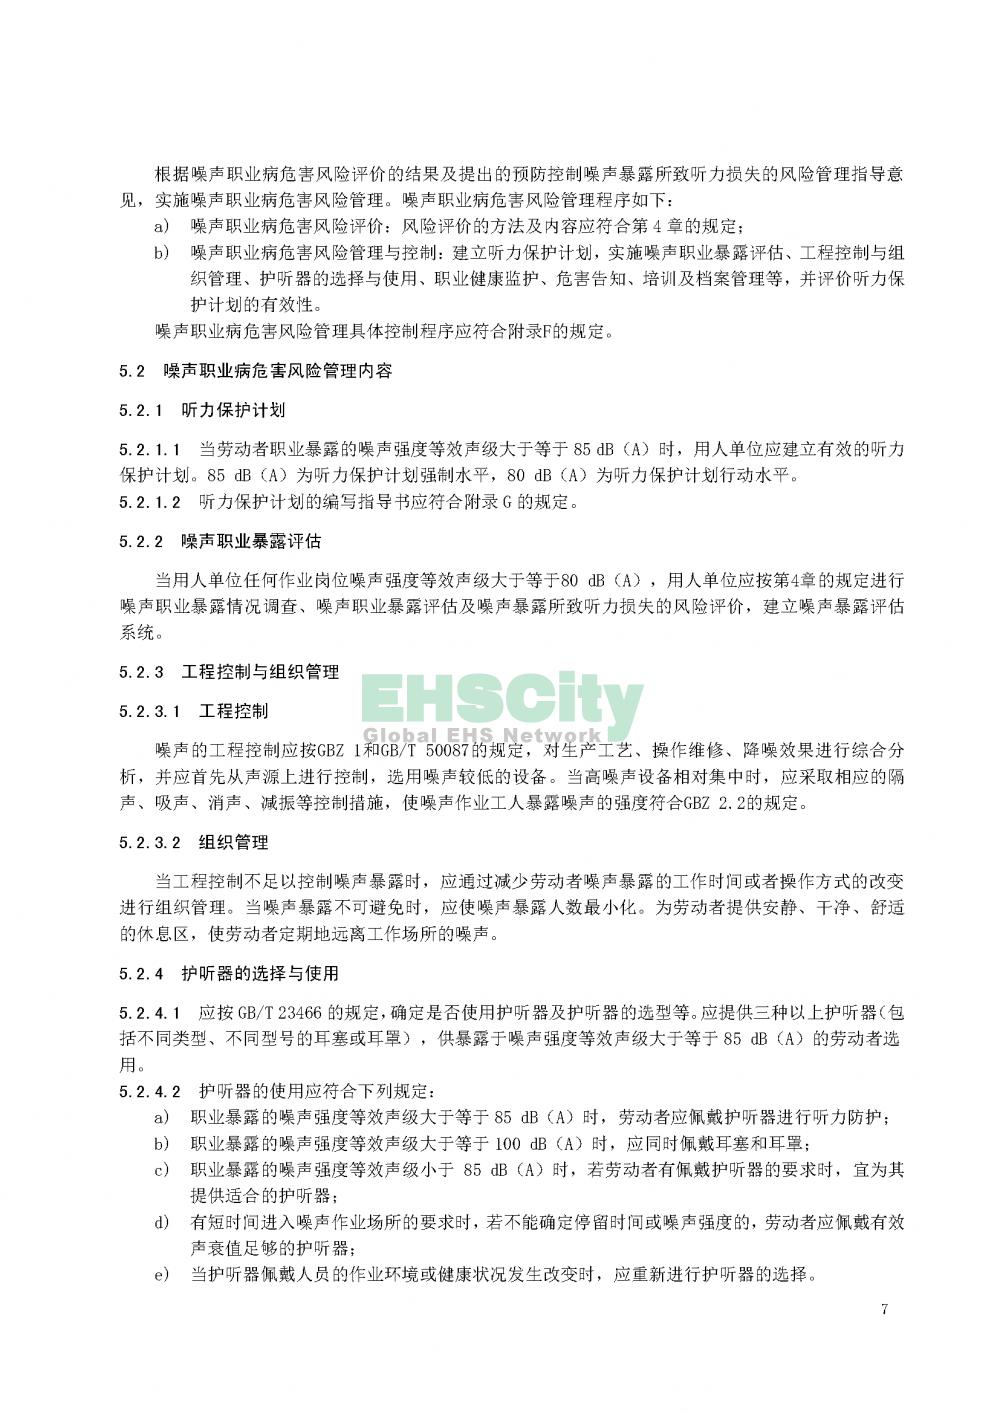 噪声职业病危害风险管理指南_页面_10